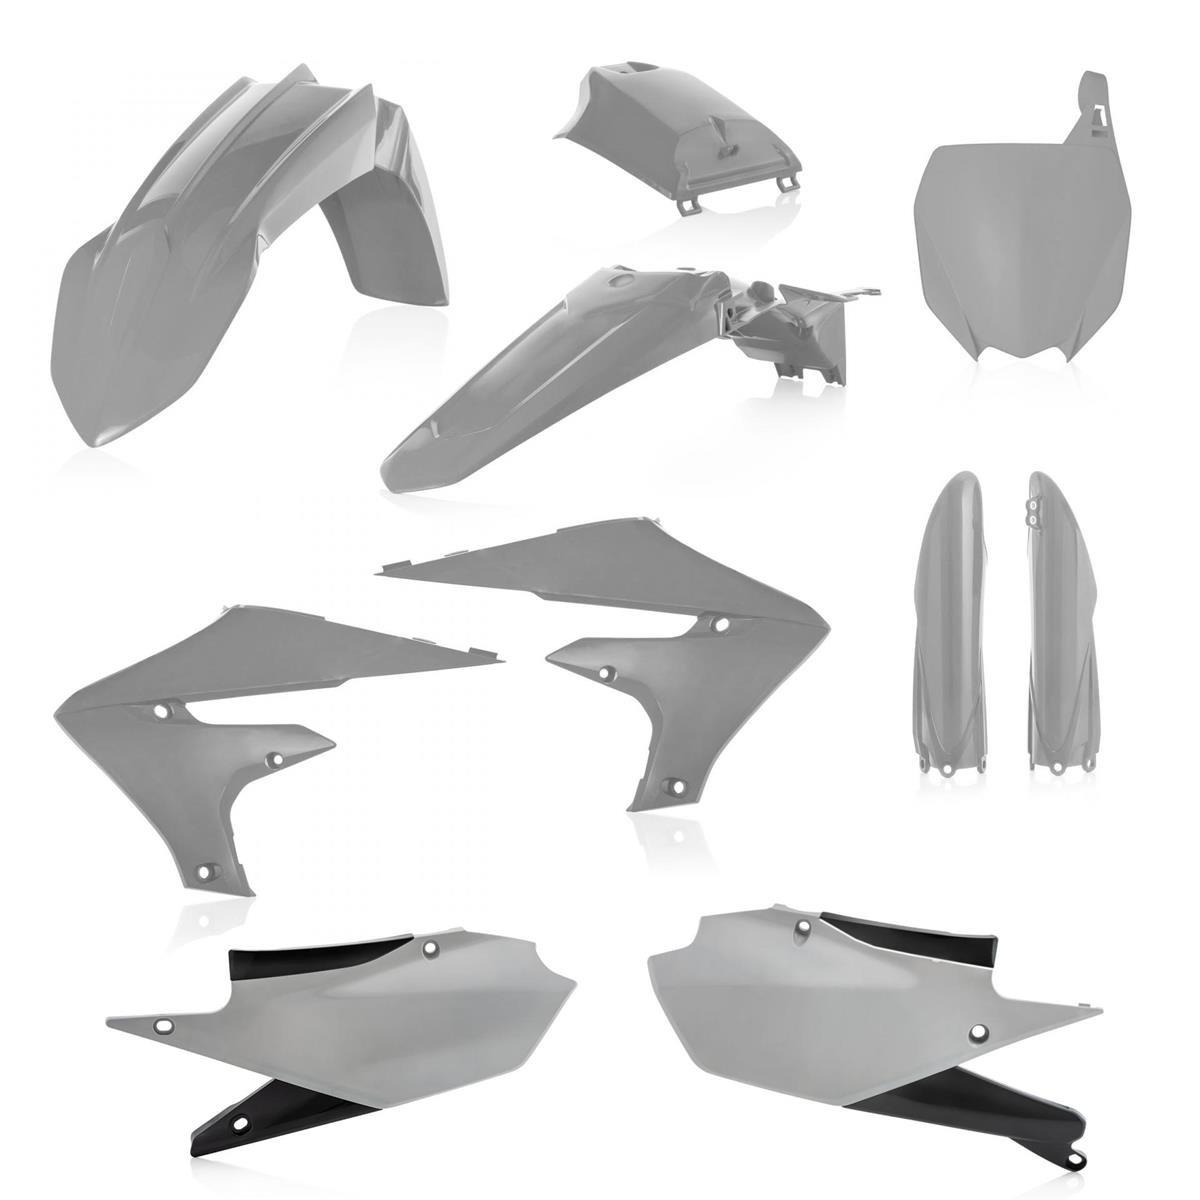 Acerbis Plastik-Kit Full-Kit Yamaha YZF 450 2019, Grau